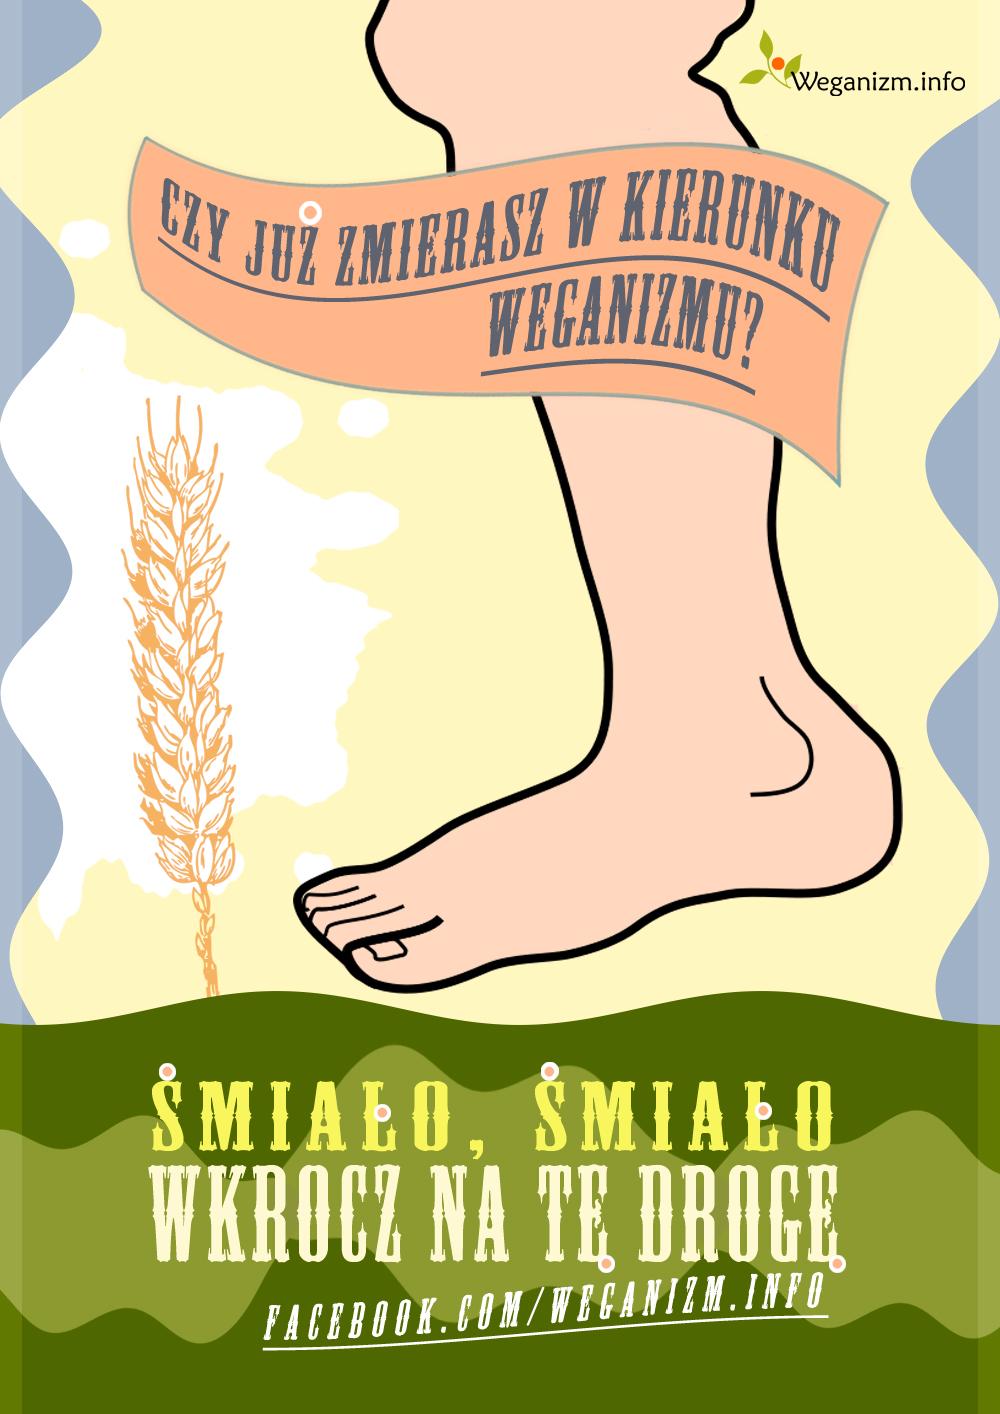 Wkrocz w weganizm